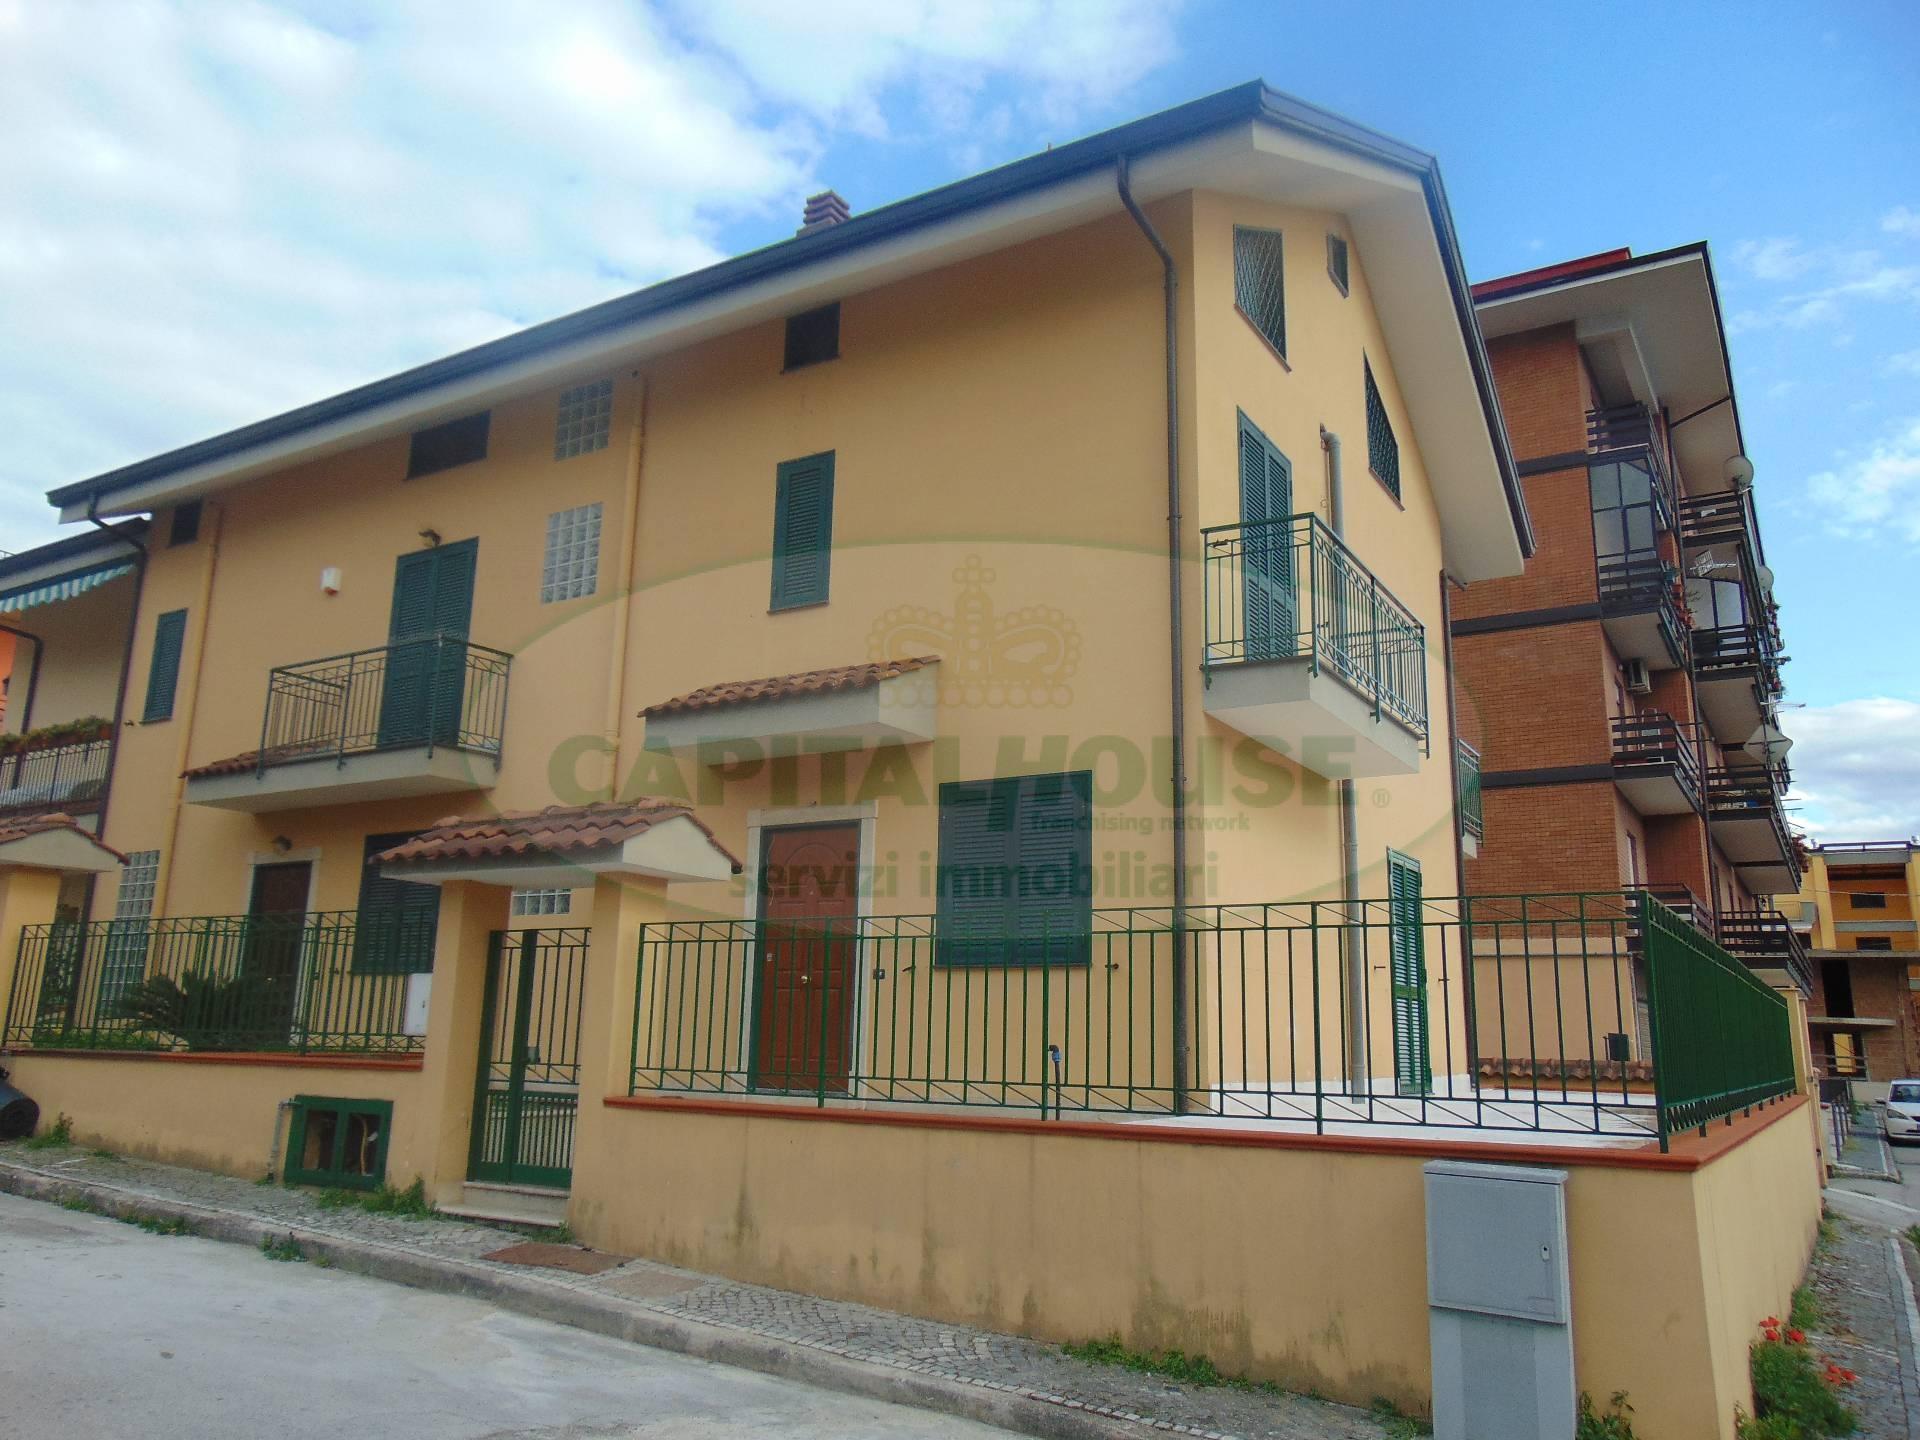 Villa in affitto a Baiano, 6 locali, prezzo € 600 | Cambio Casa.it